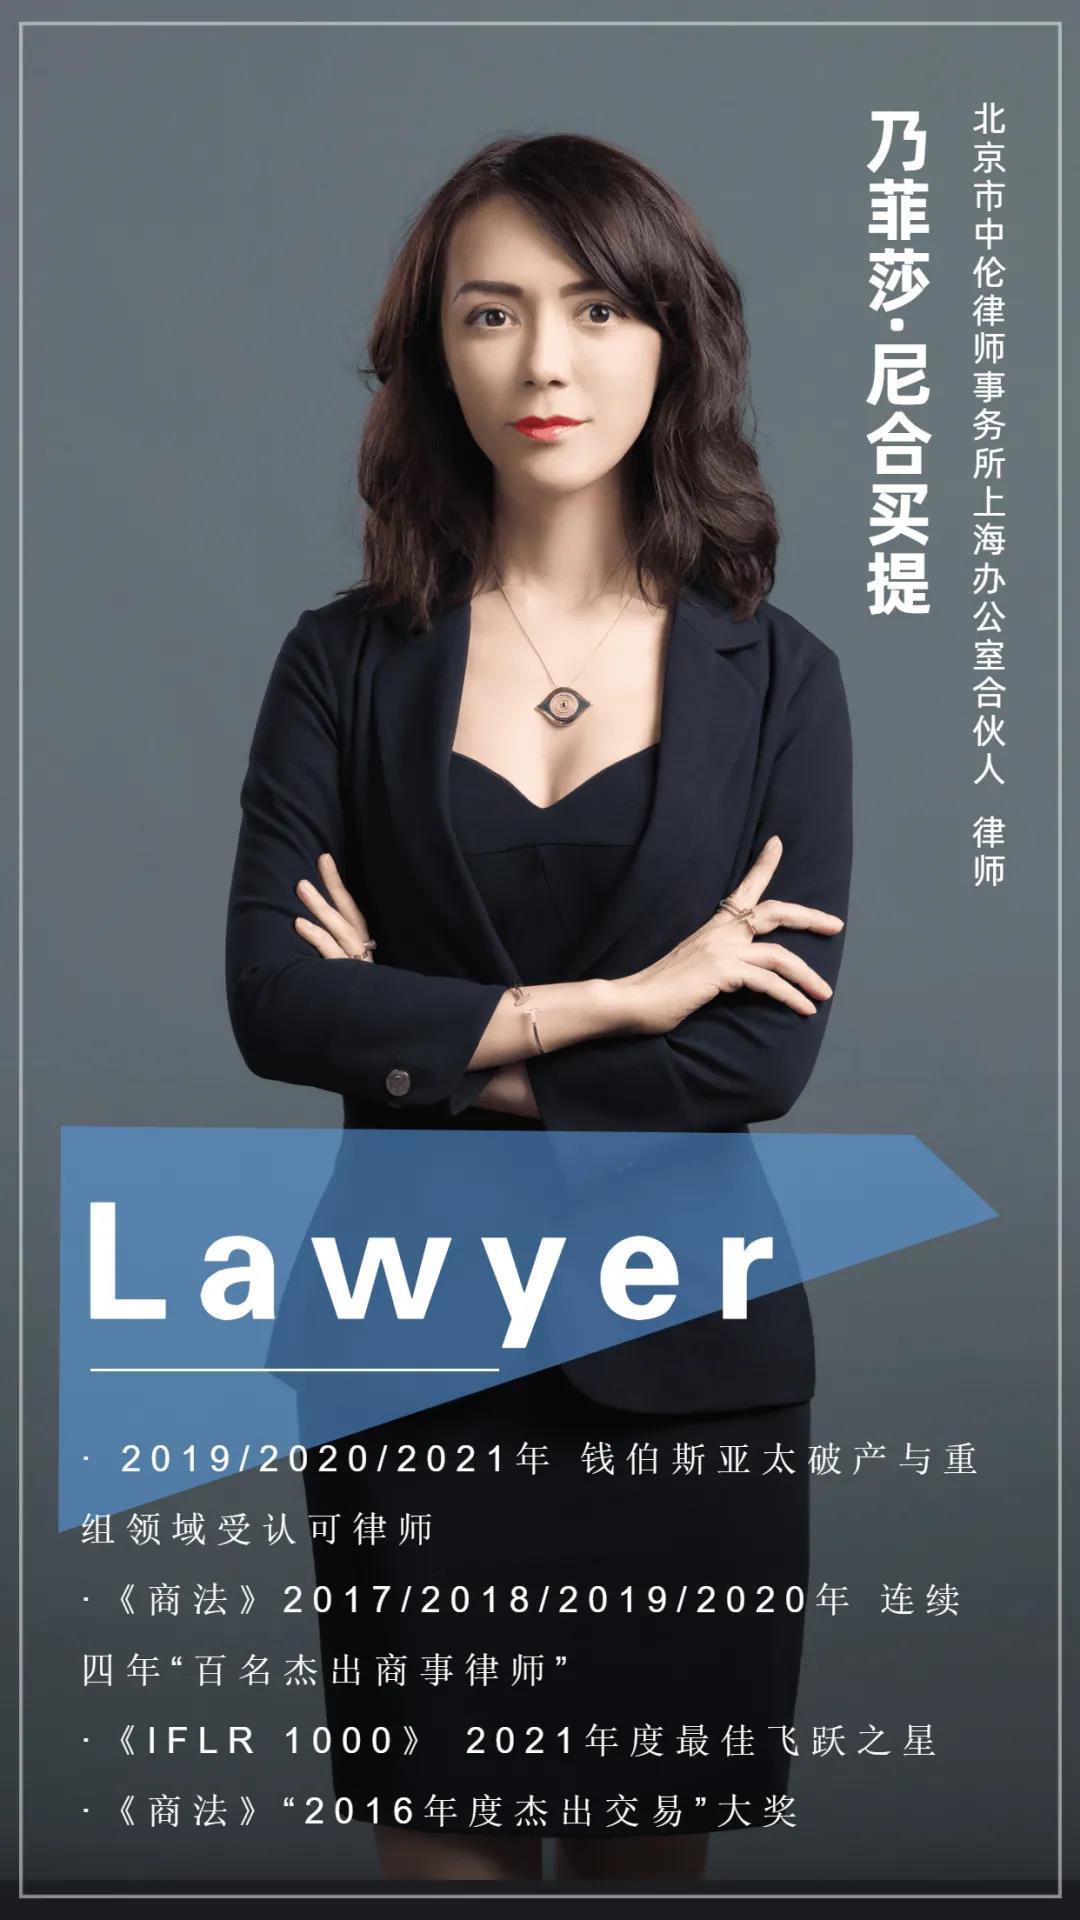 """如何锻造""""一站式全程法律服务团队""""?破产领域乃菲莎律师来揭秘!"""